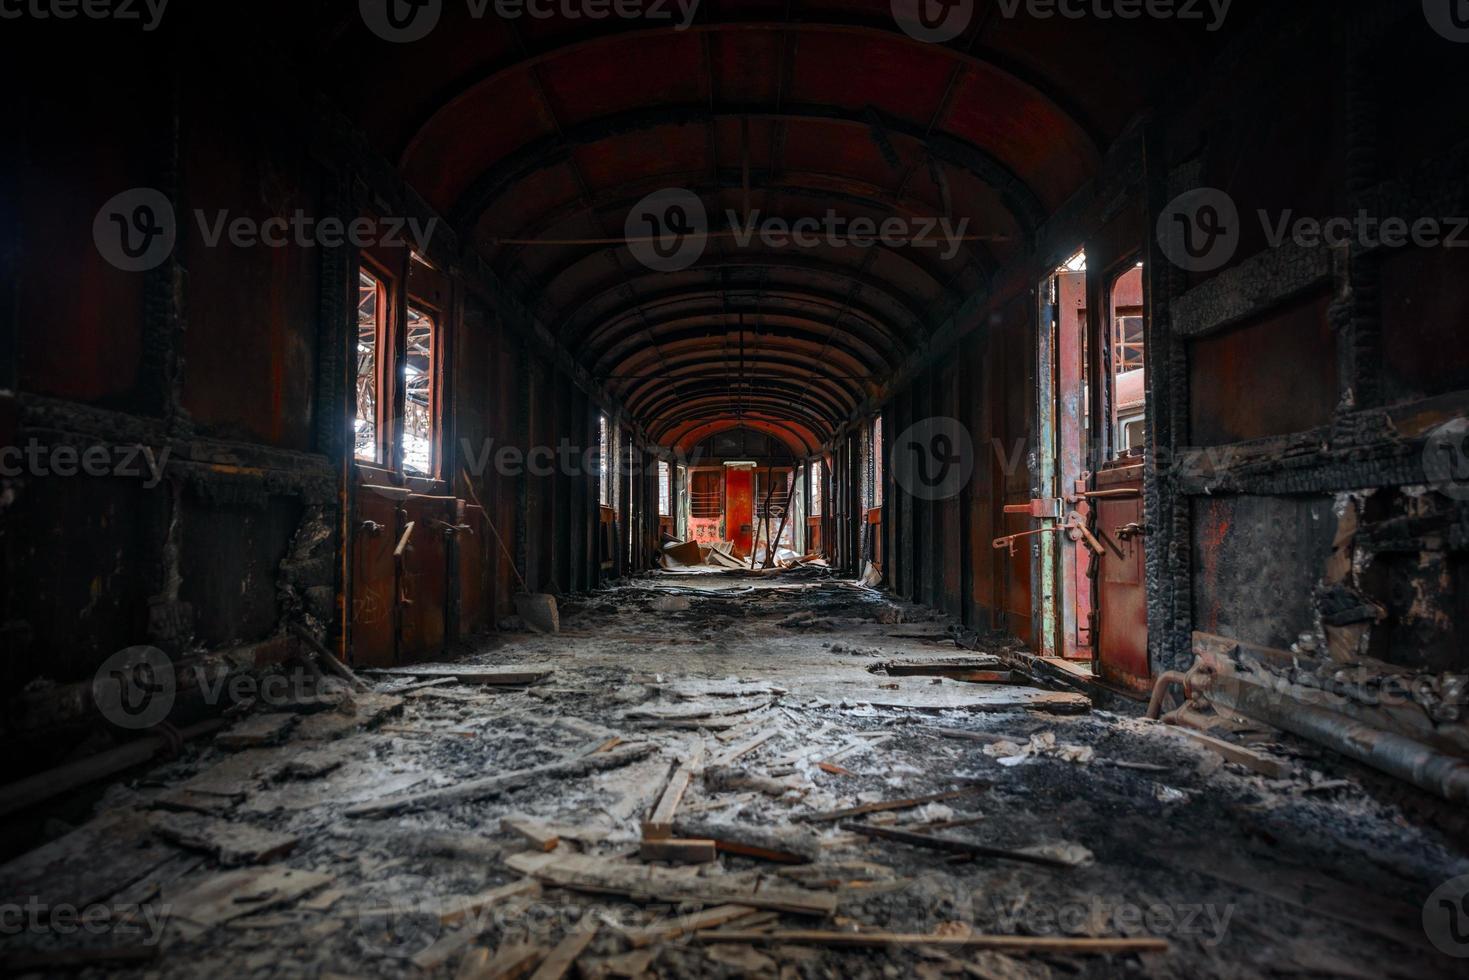 Desordenado interior del vehículo de un vagón de tren foto